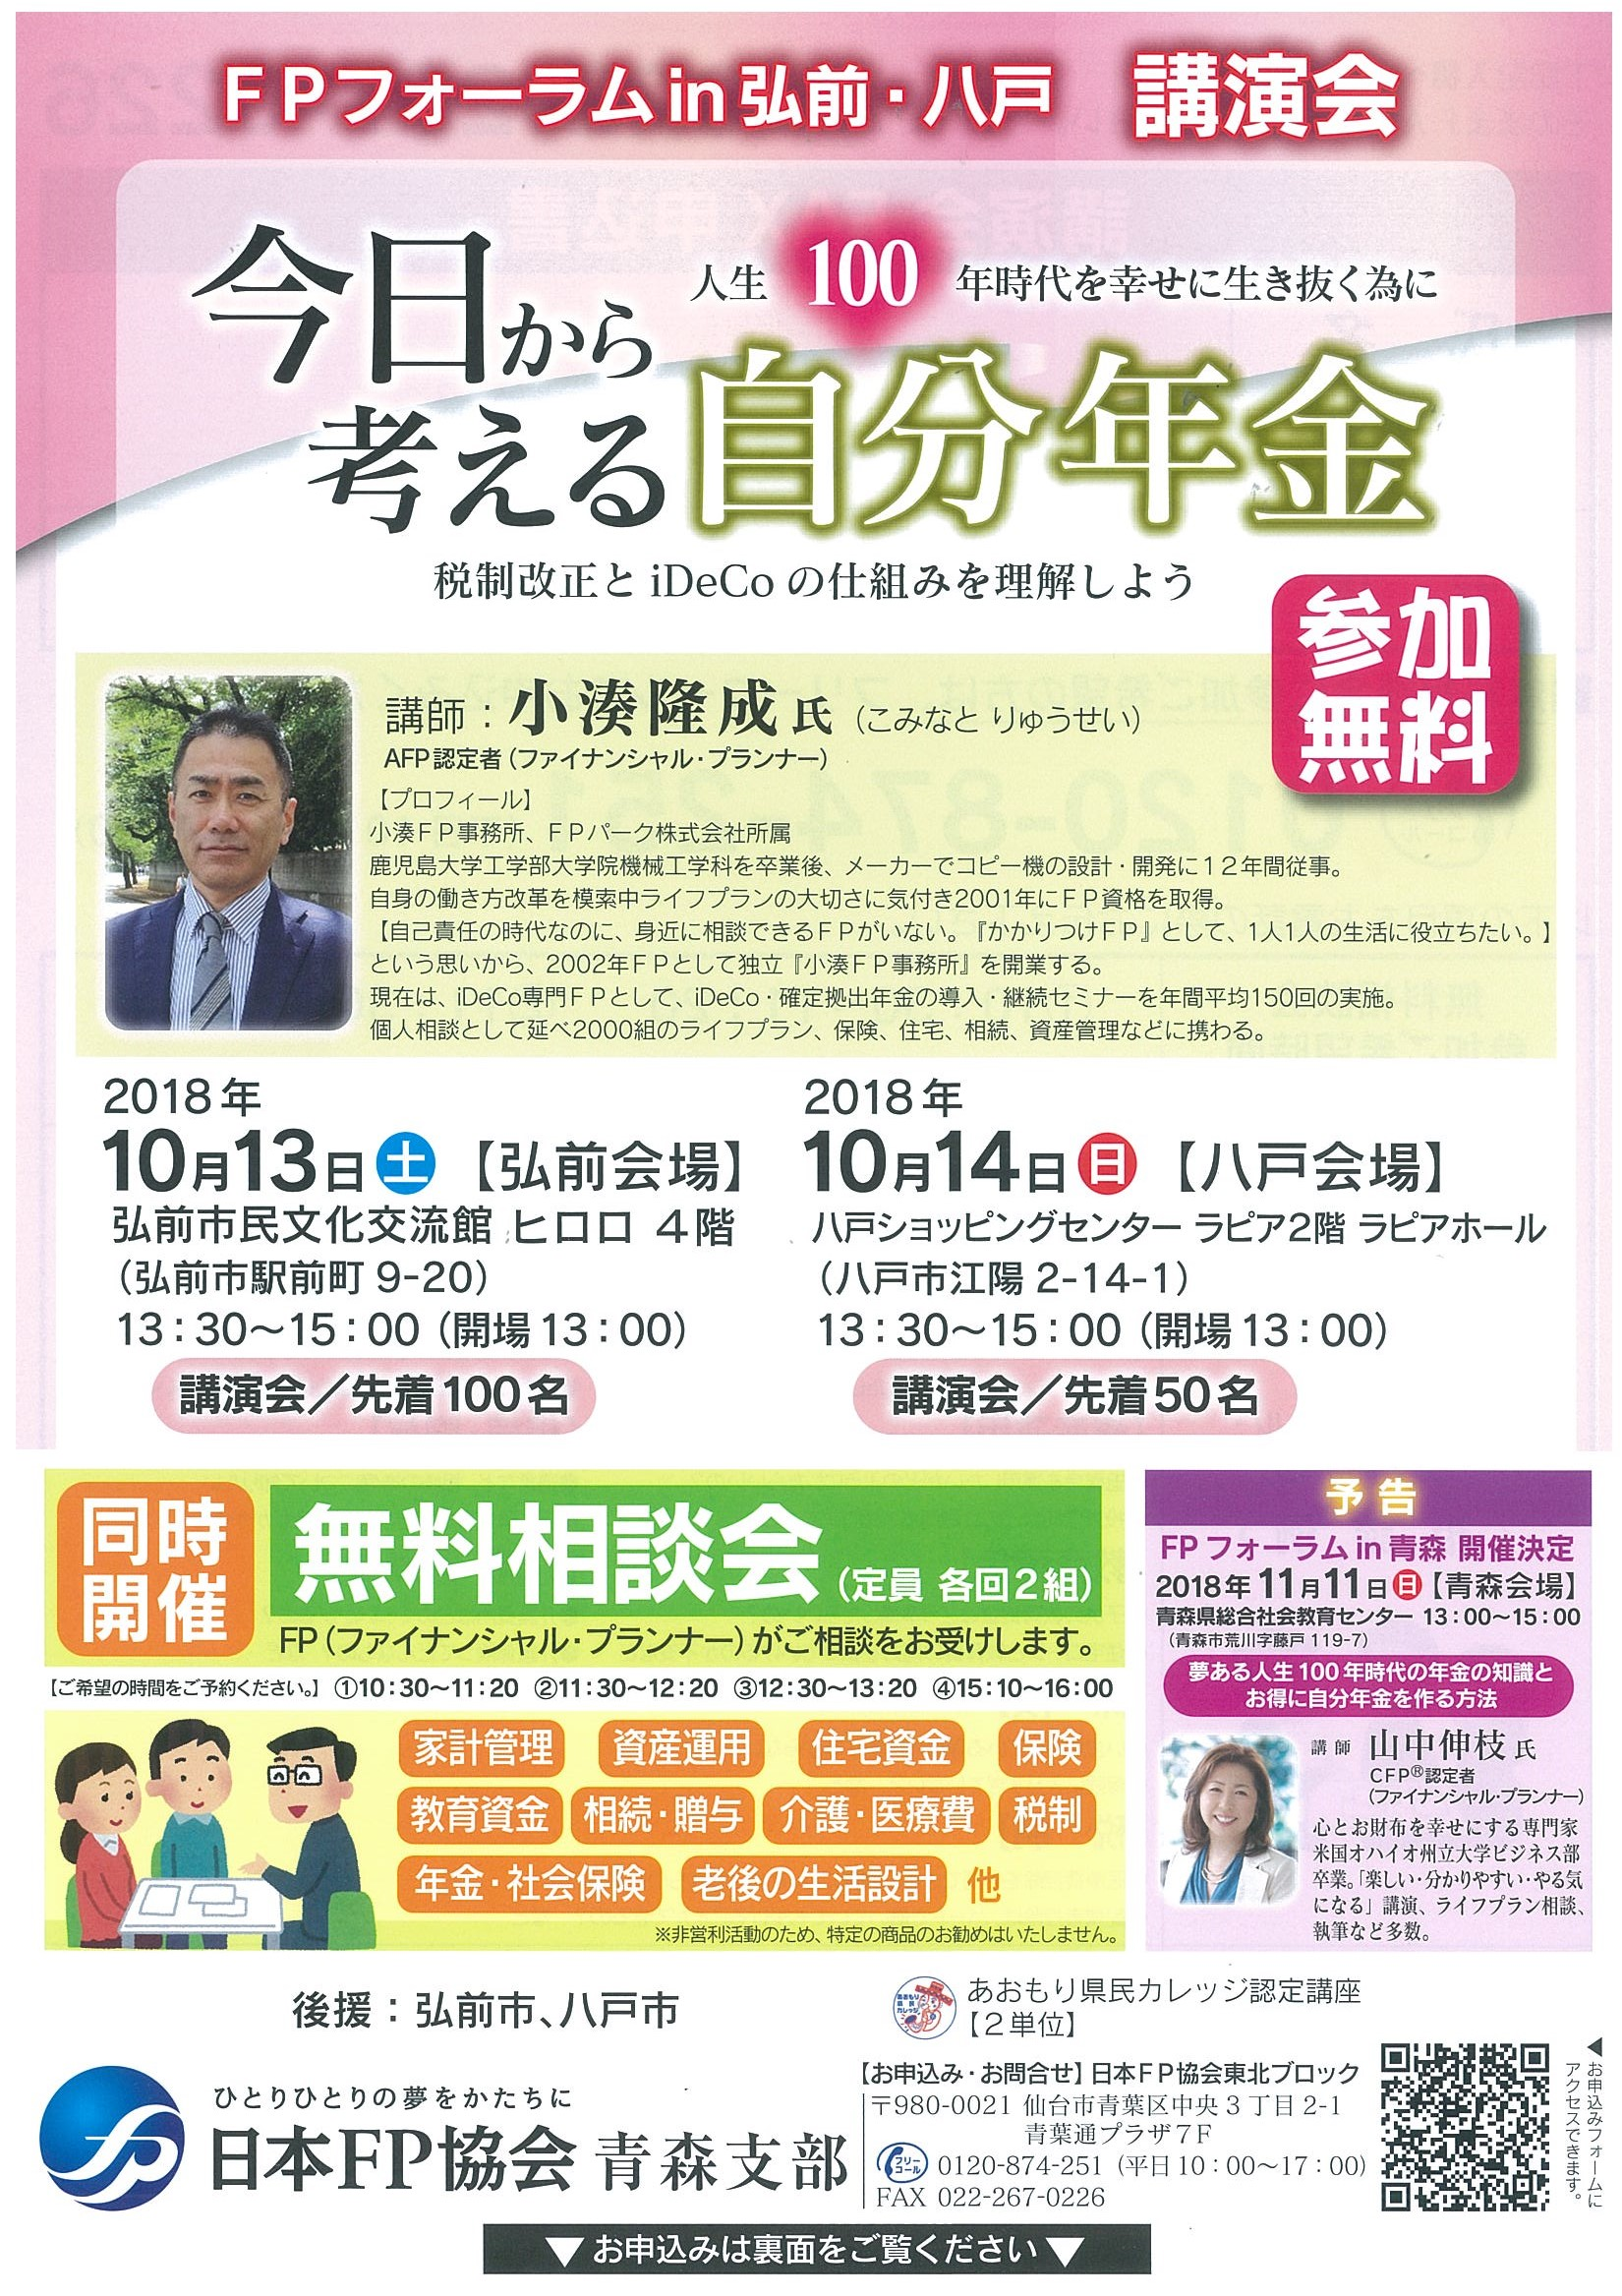 FPフォーラムin弘前・八戸 講演会チラシ表.jpg